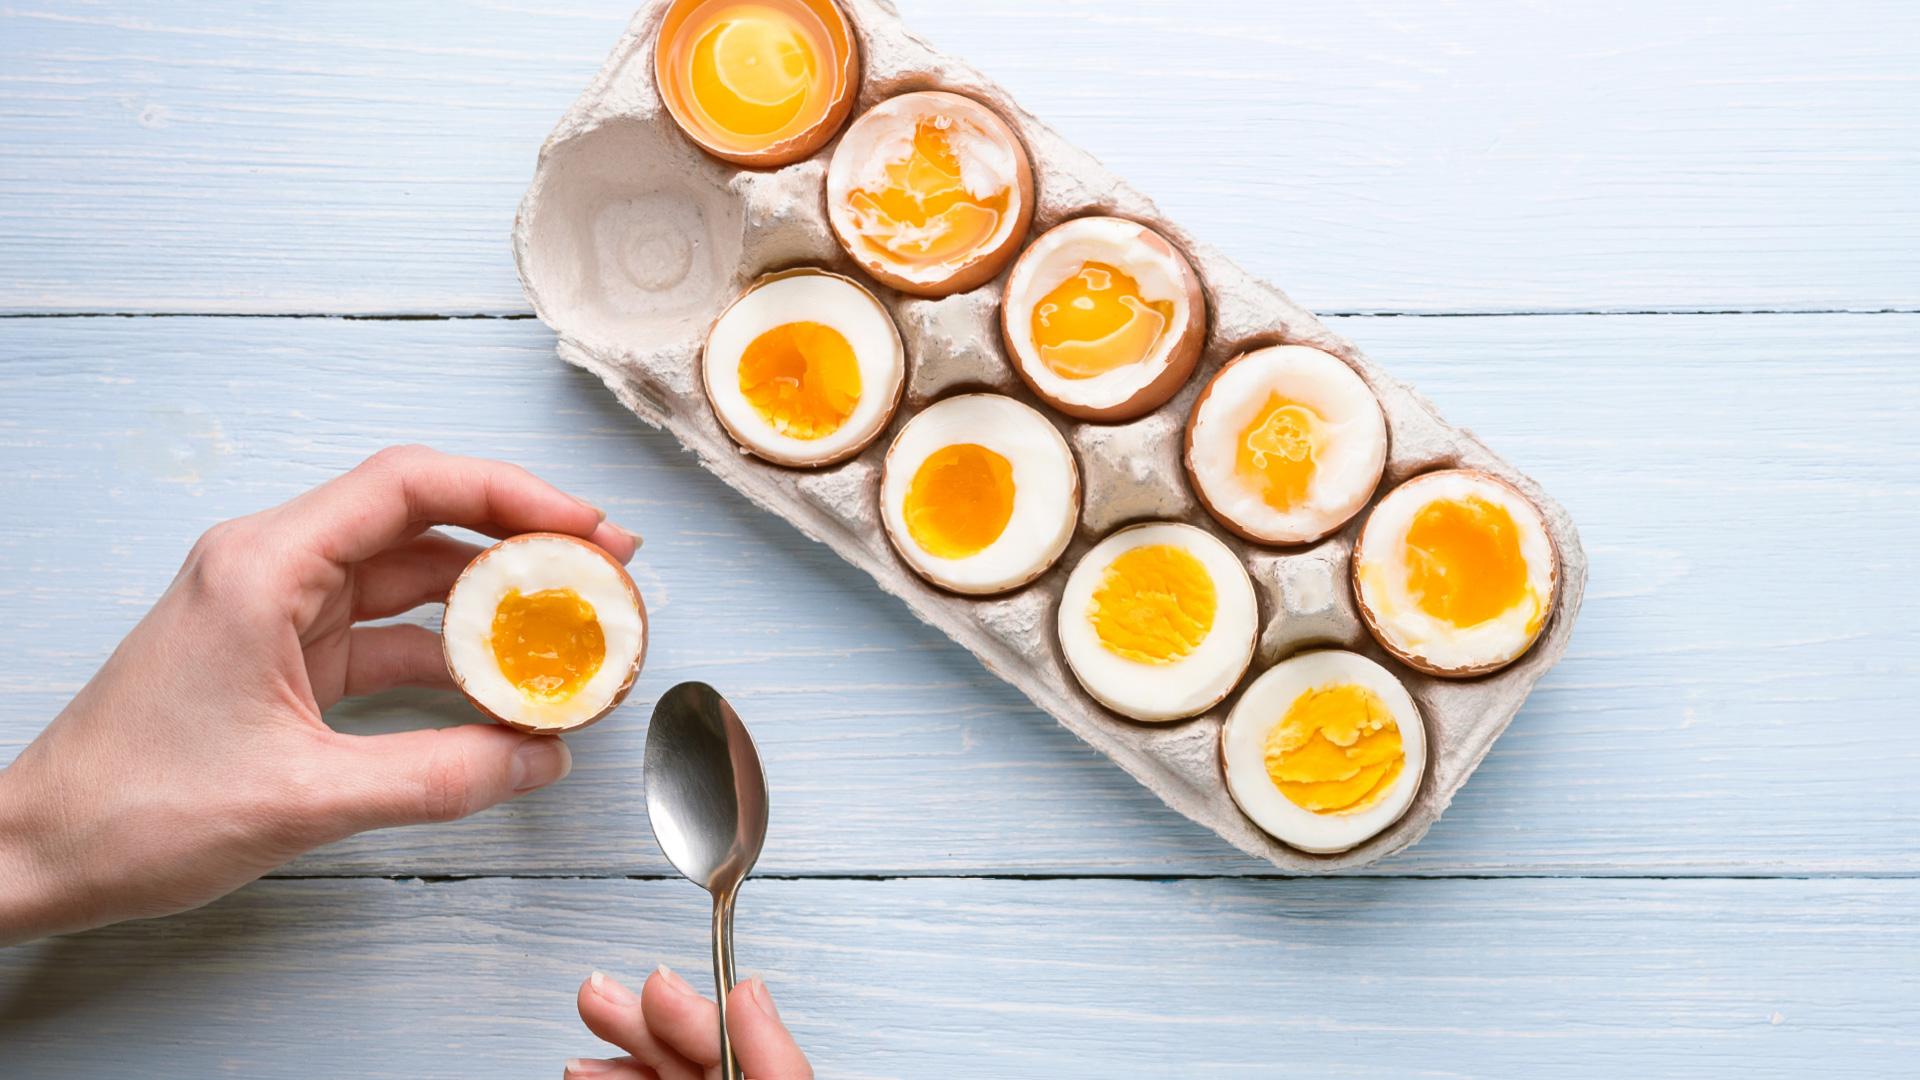 Boiled-Egg-Comparison.jpg